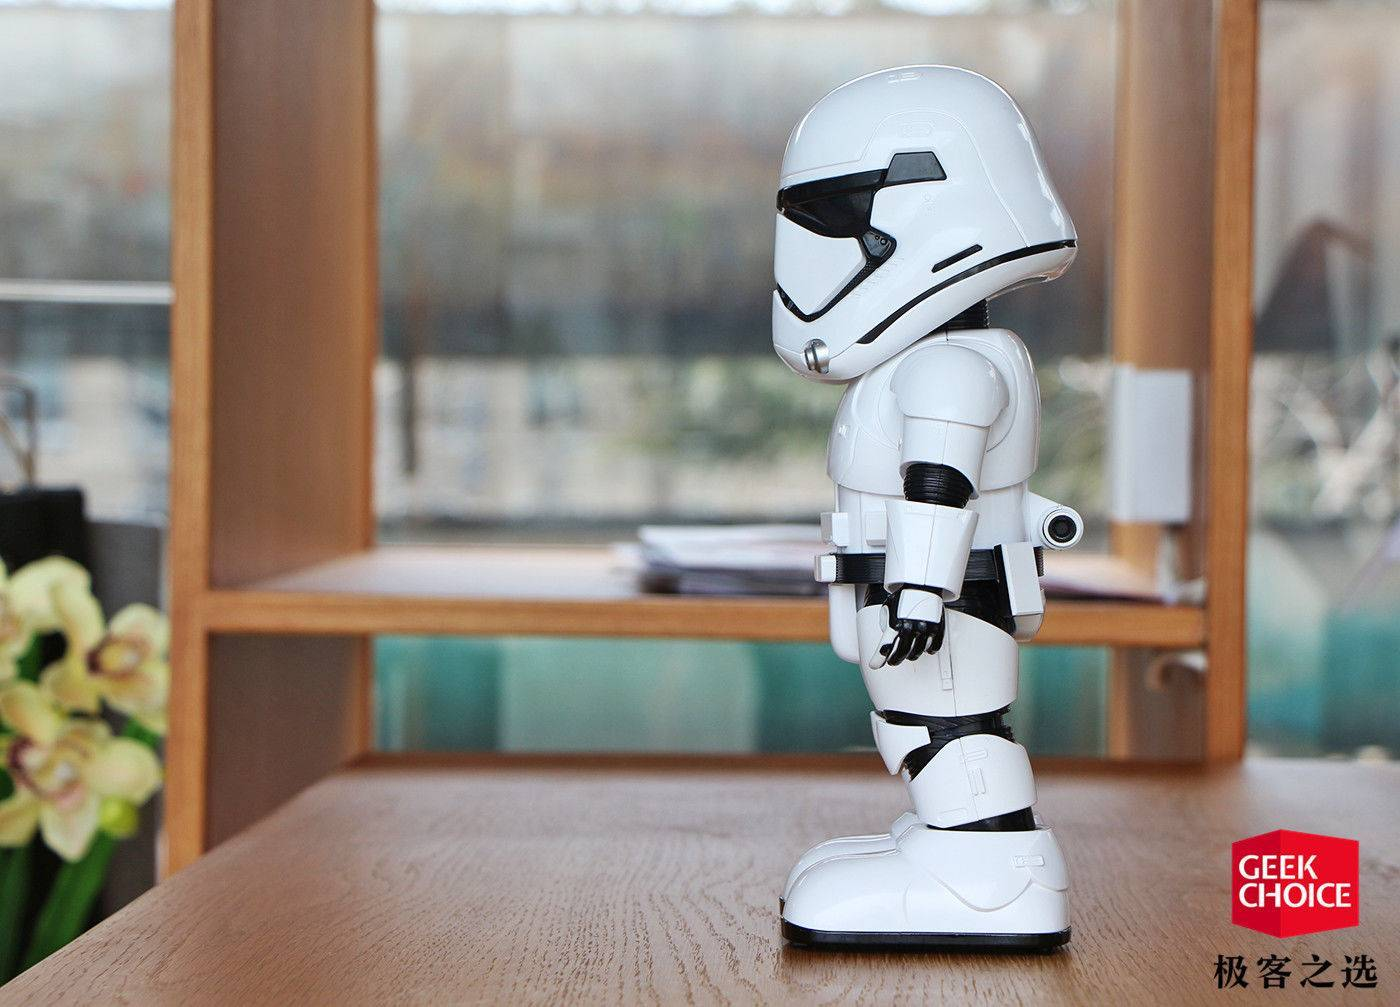 可以把你带到贾库星球的星战机器人,想试试吗?